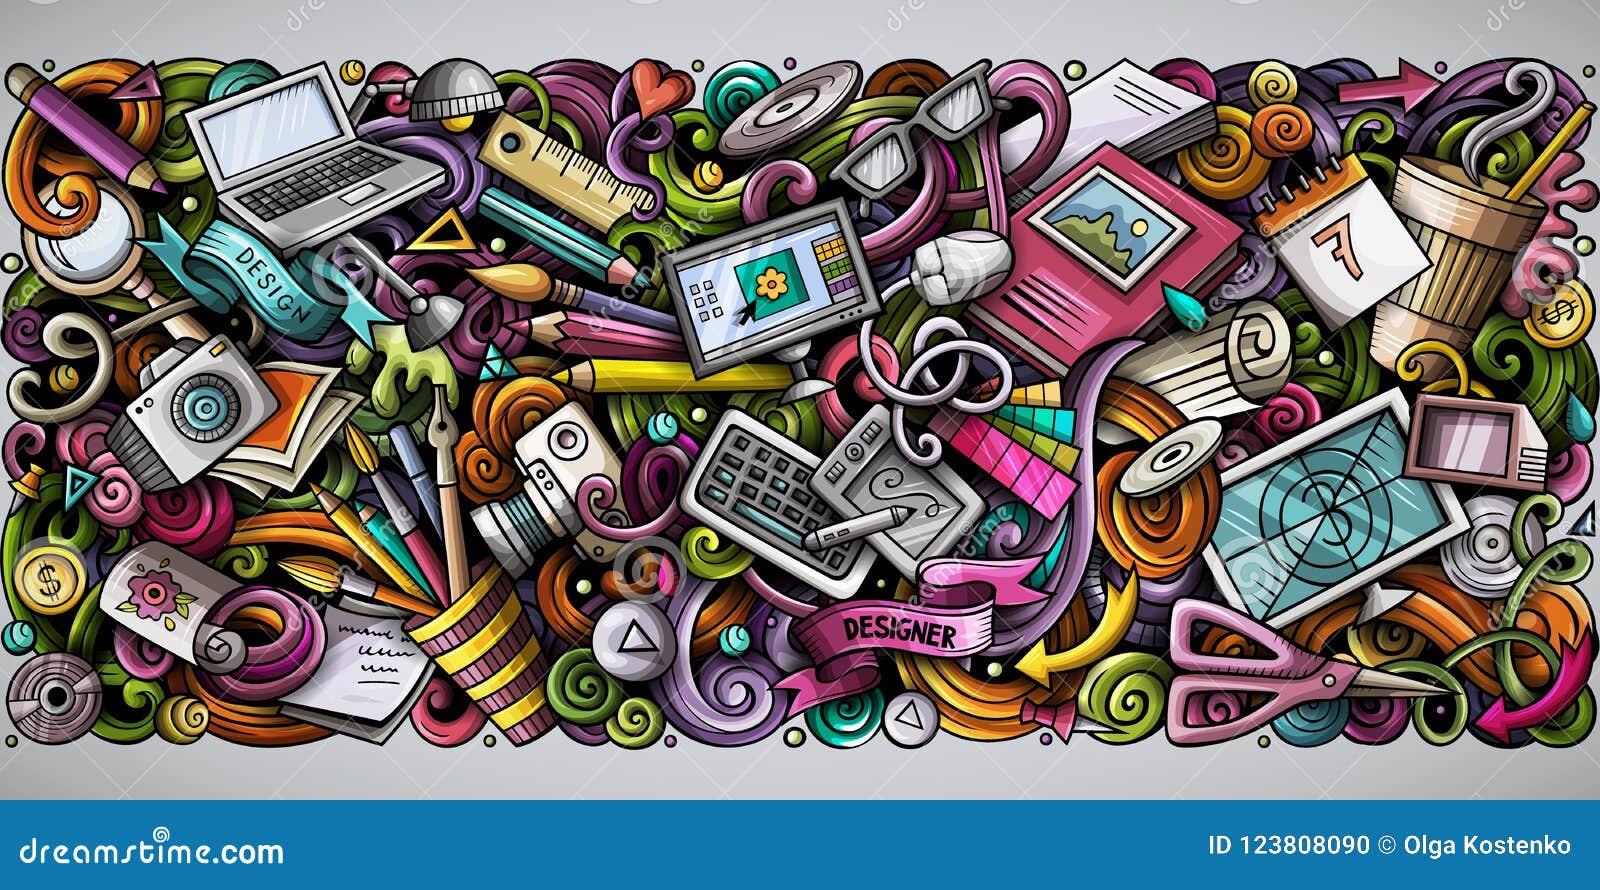 Colorful Doodle Art Designs